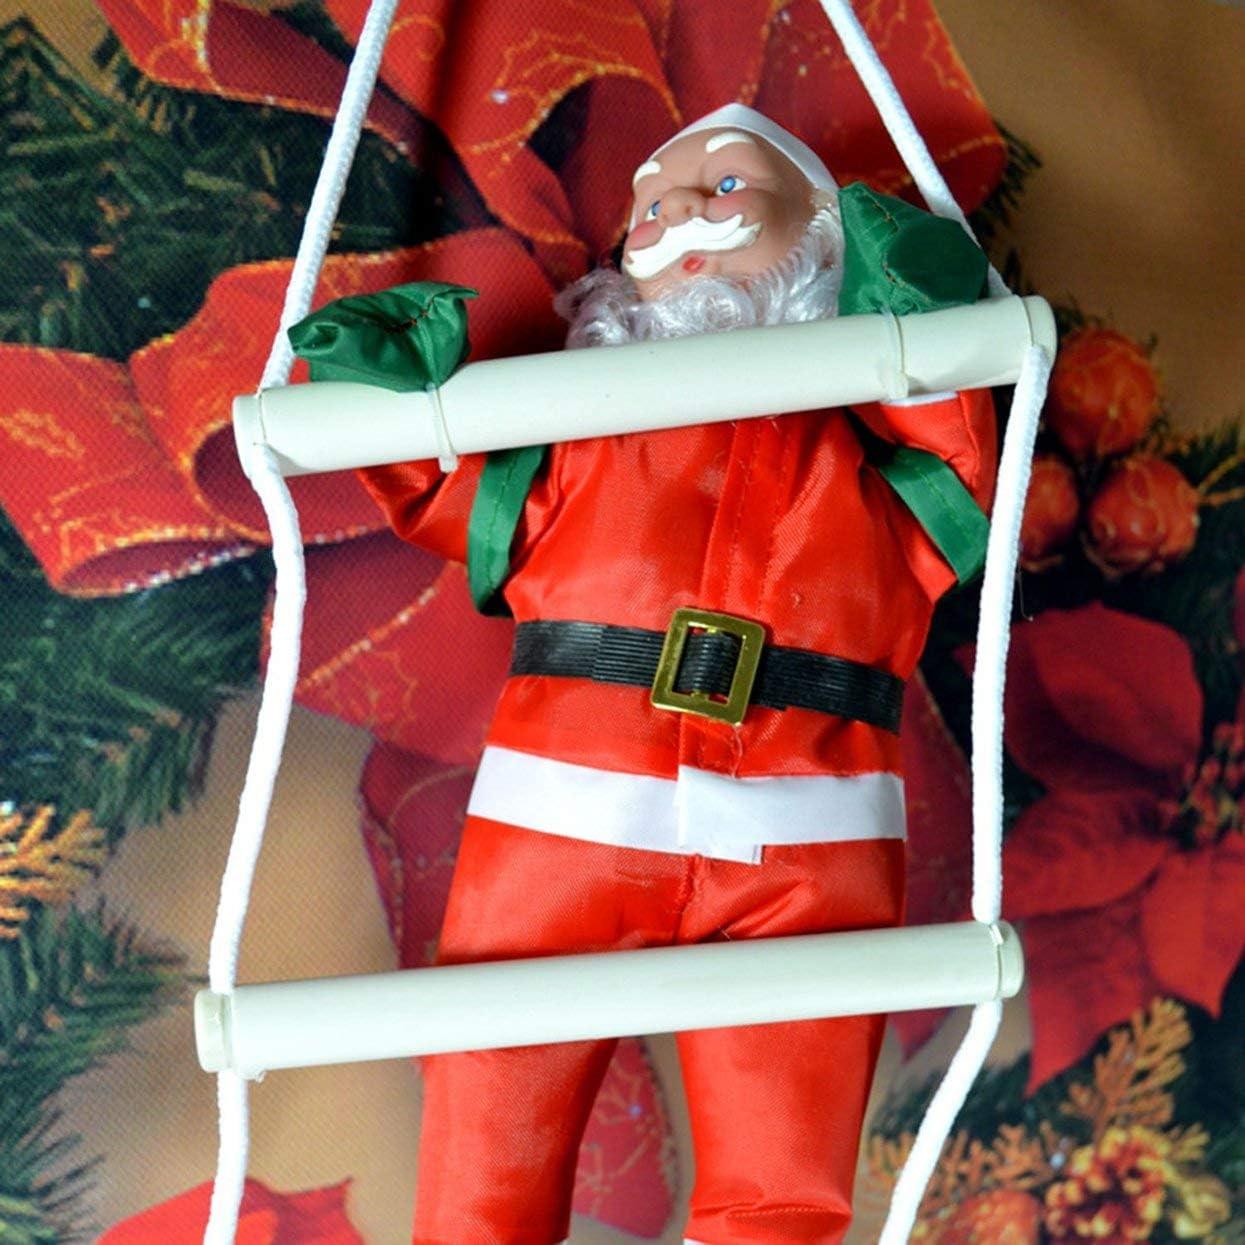 Papá Noel Escaleras para trepar Decoración del árbol de Navidad Adorno de año Nuevo Papá Noel Donaciones para Regalos Colgantes de Gran tamaño con Escalera: Amazon.es: Hogar